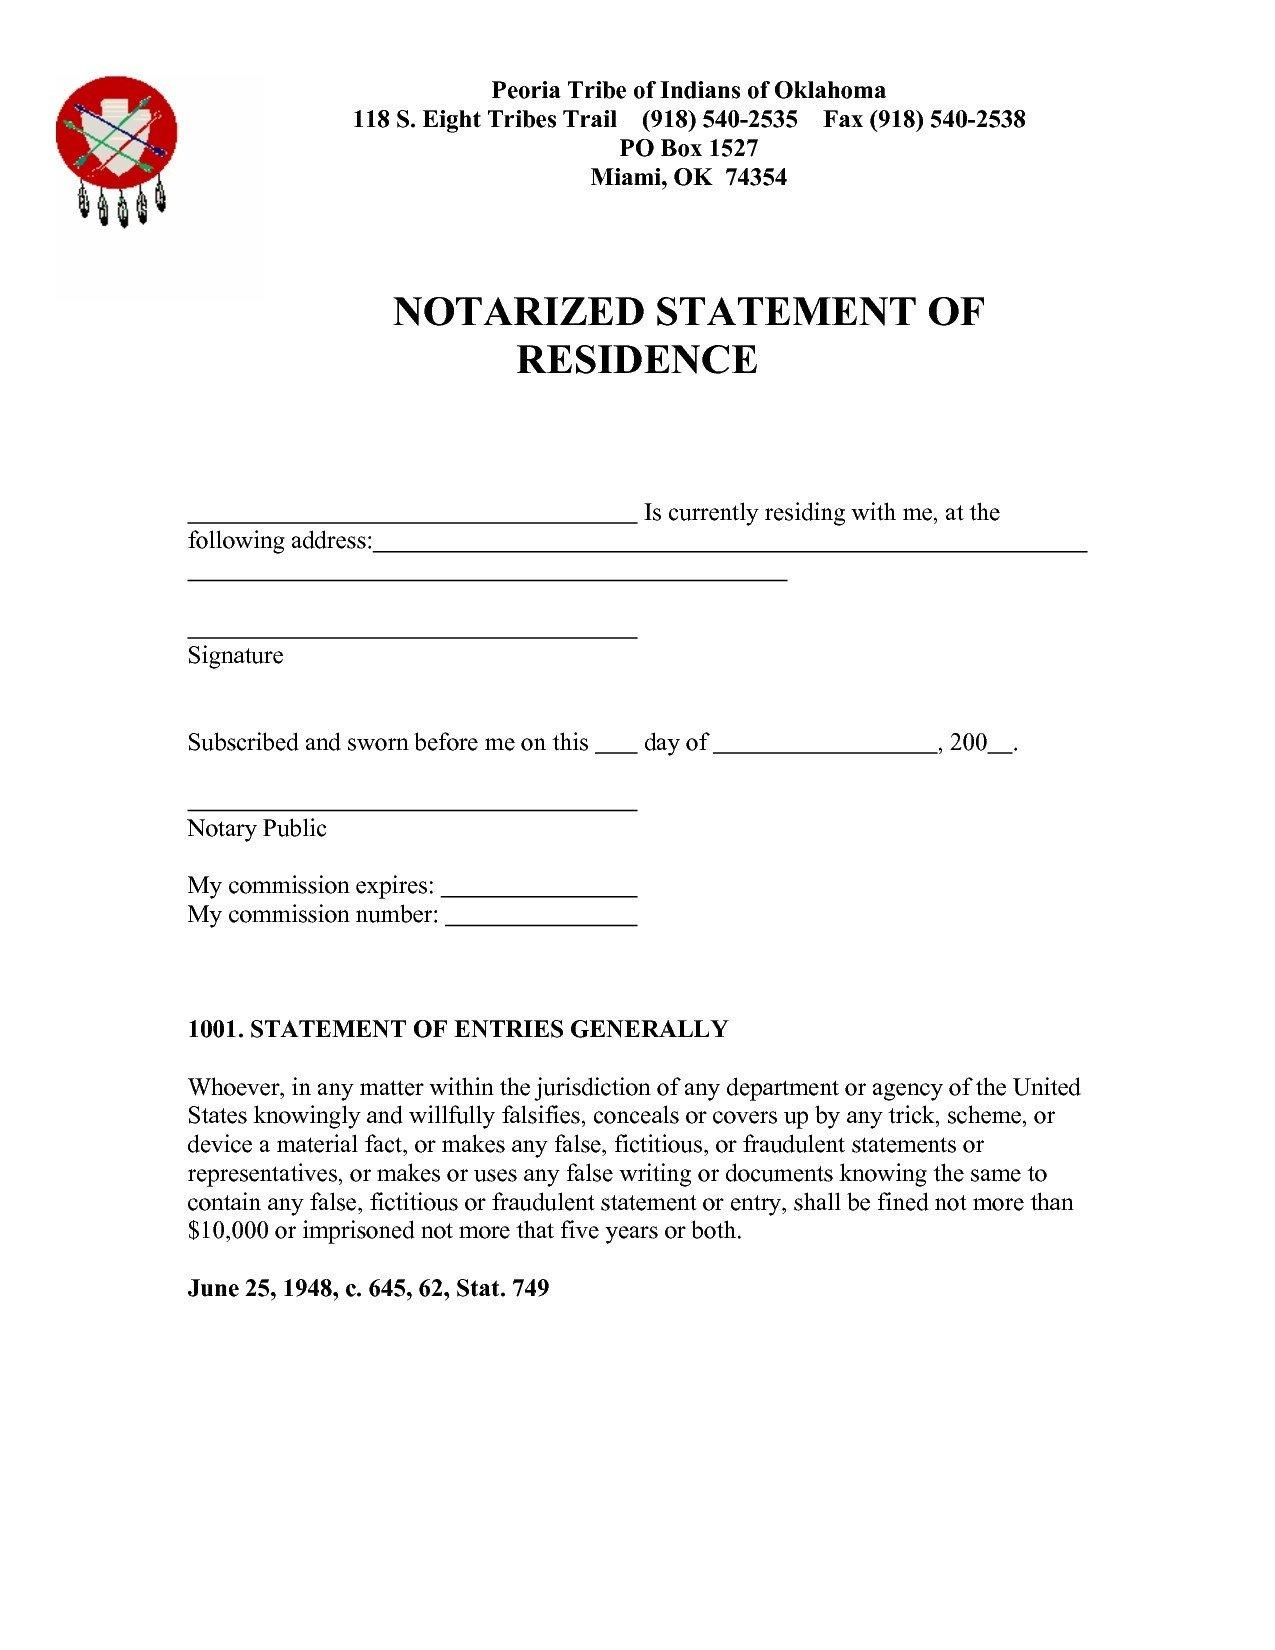 Notarized Letter Of Residency Notarized Proof Residency Letter Sample Flowersheet